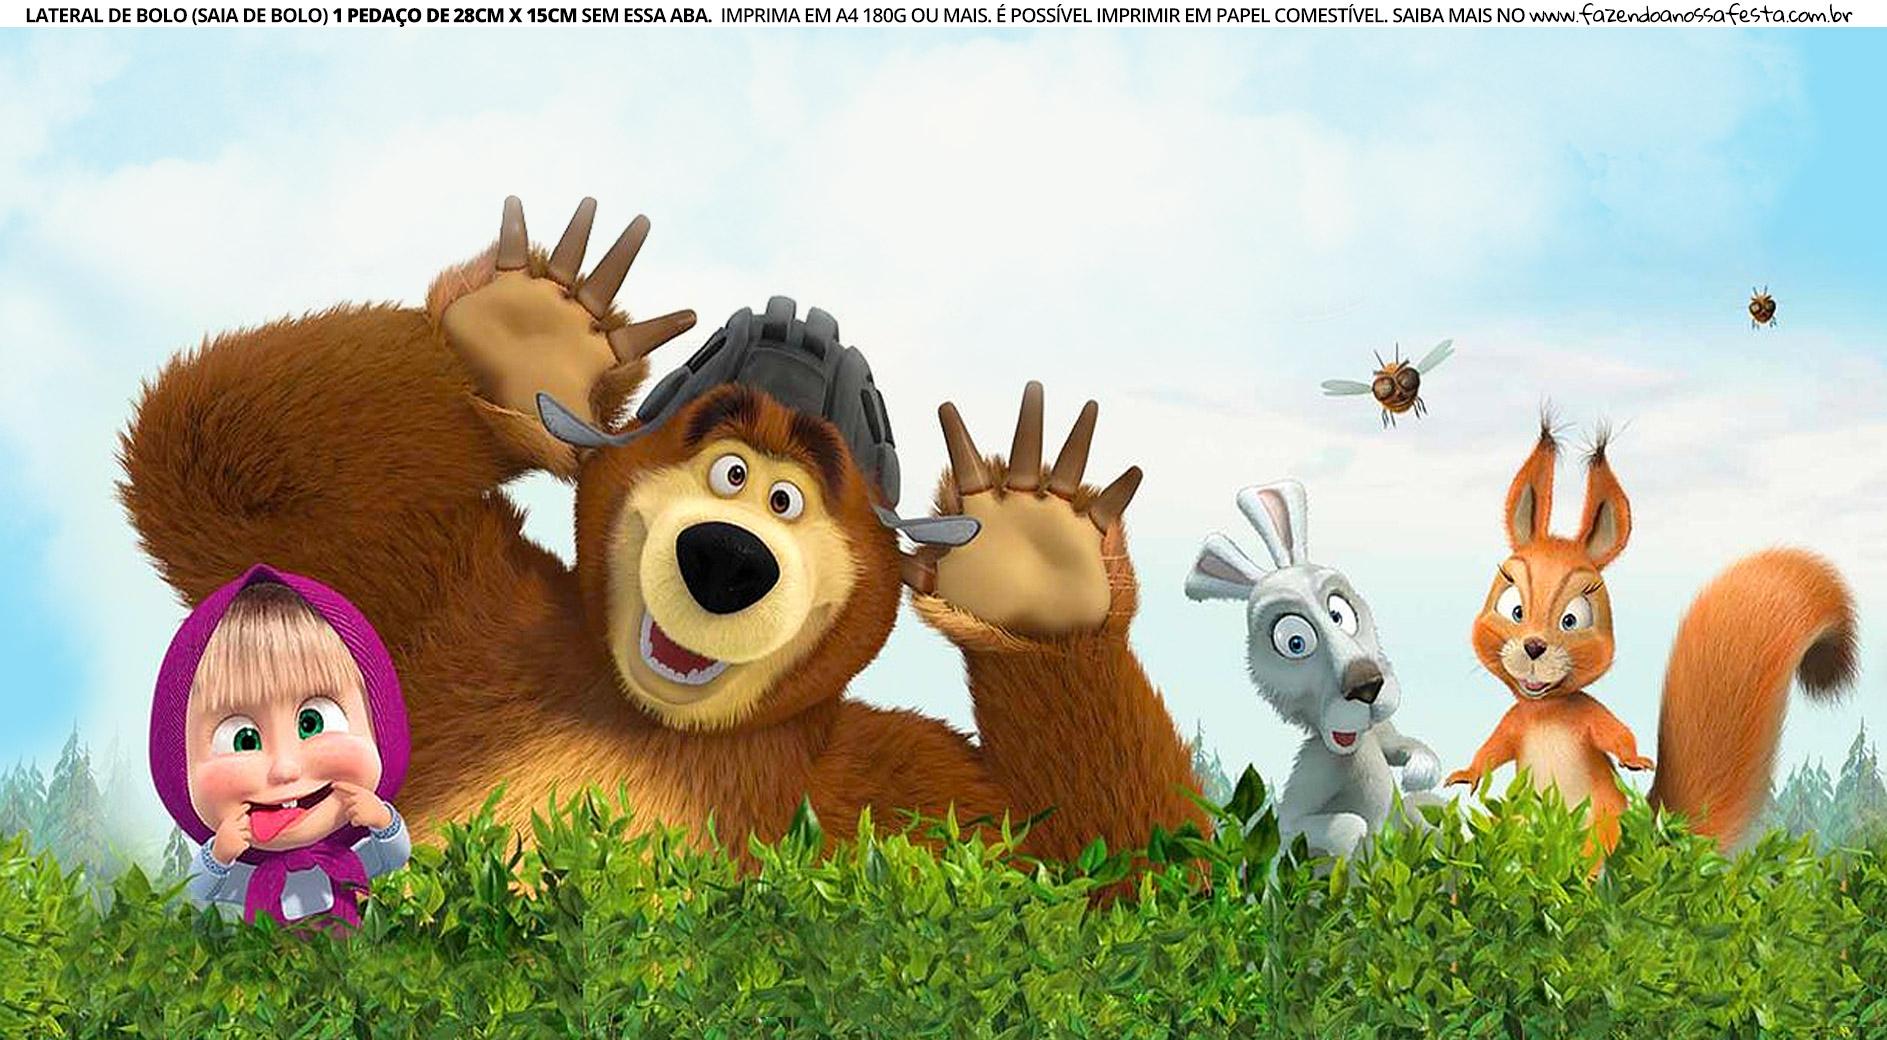 Faixa Lateral para Bolo Masha e o Urso 2